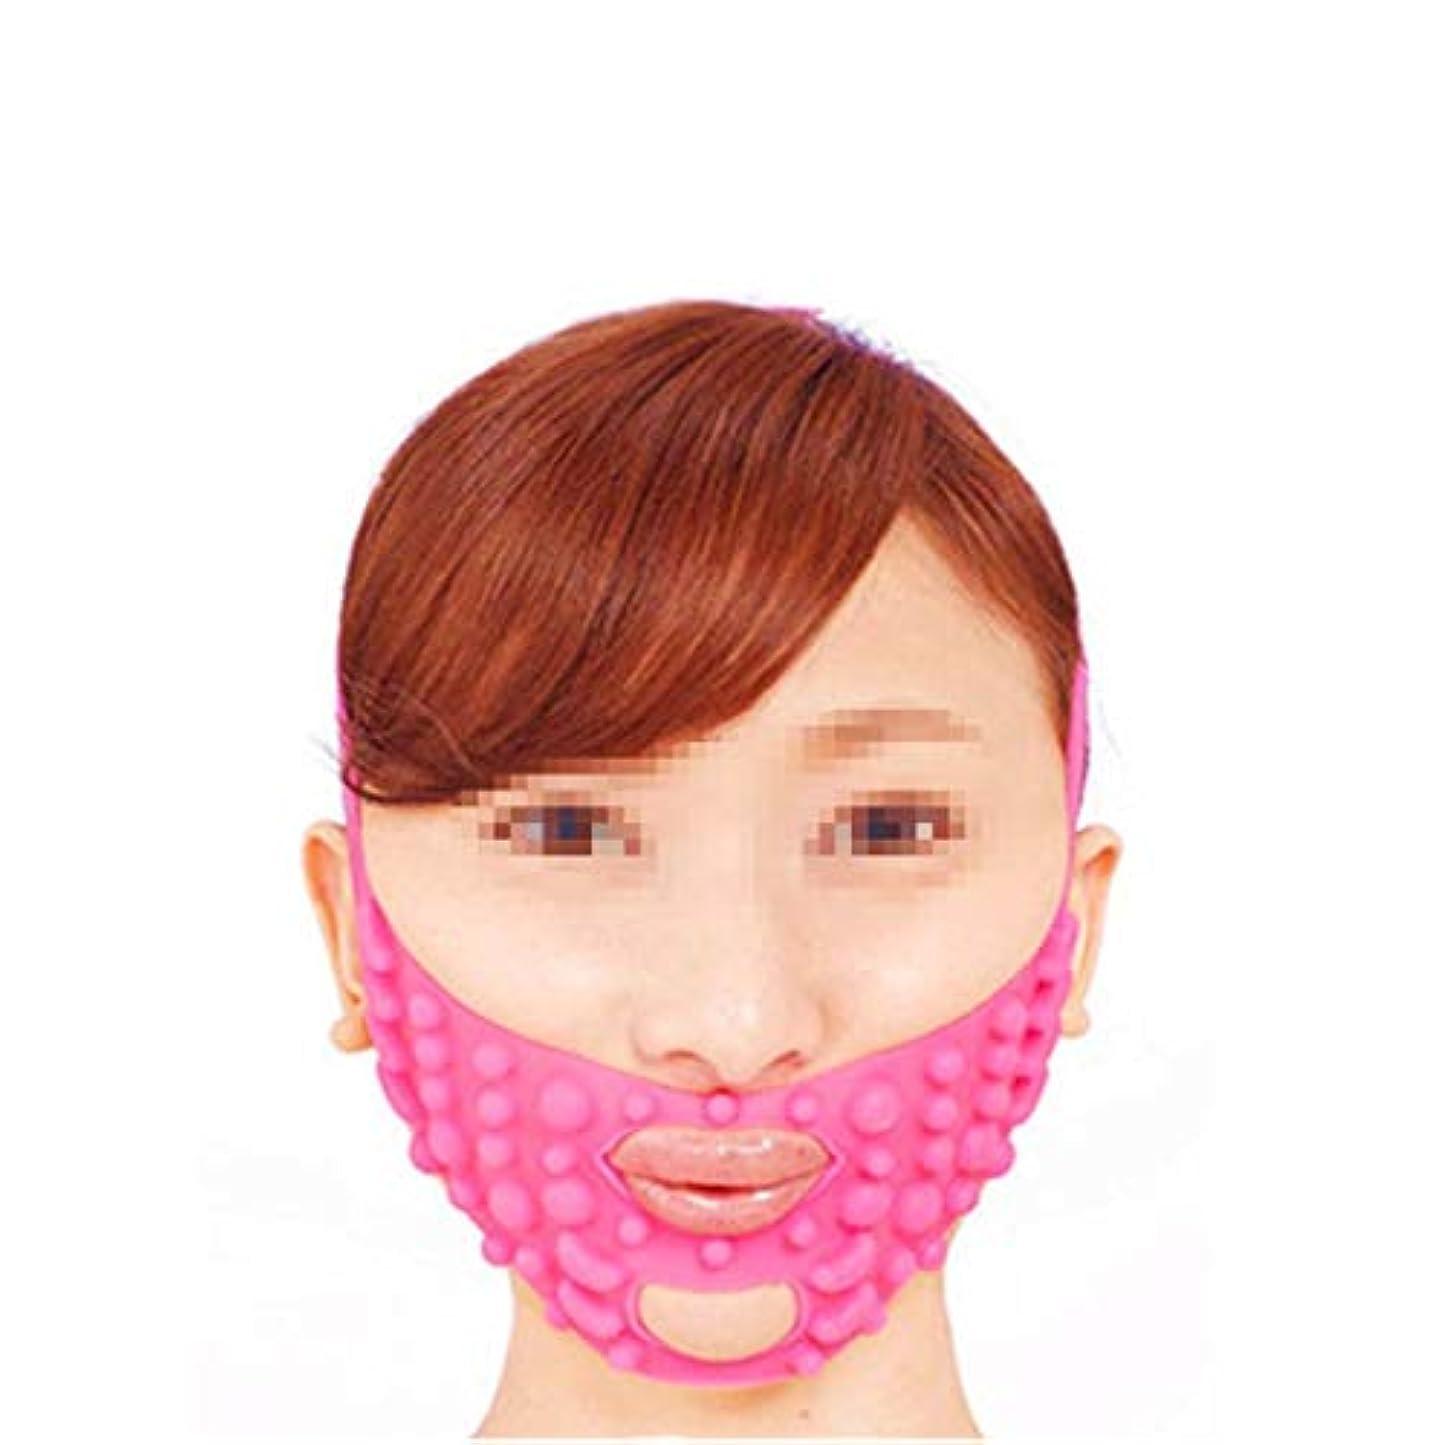 アトラスひそかに概要シリコンマッサージフェイスマスク、きちんと形をした小さいVフェイスリフトをデコードパターンフェイスリフトバンデージピンク